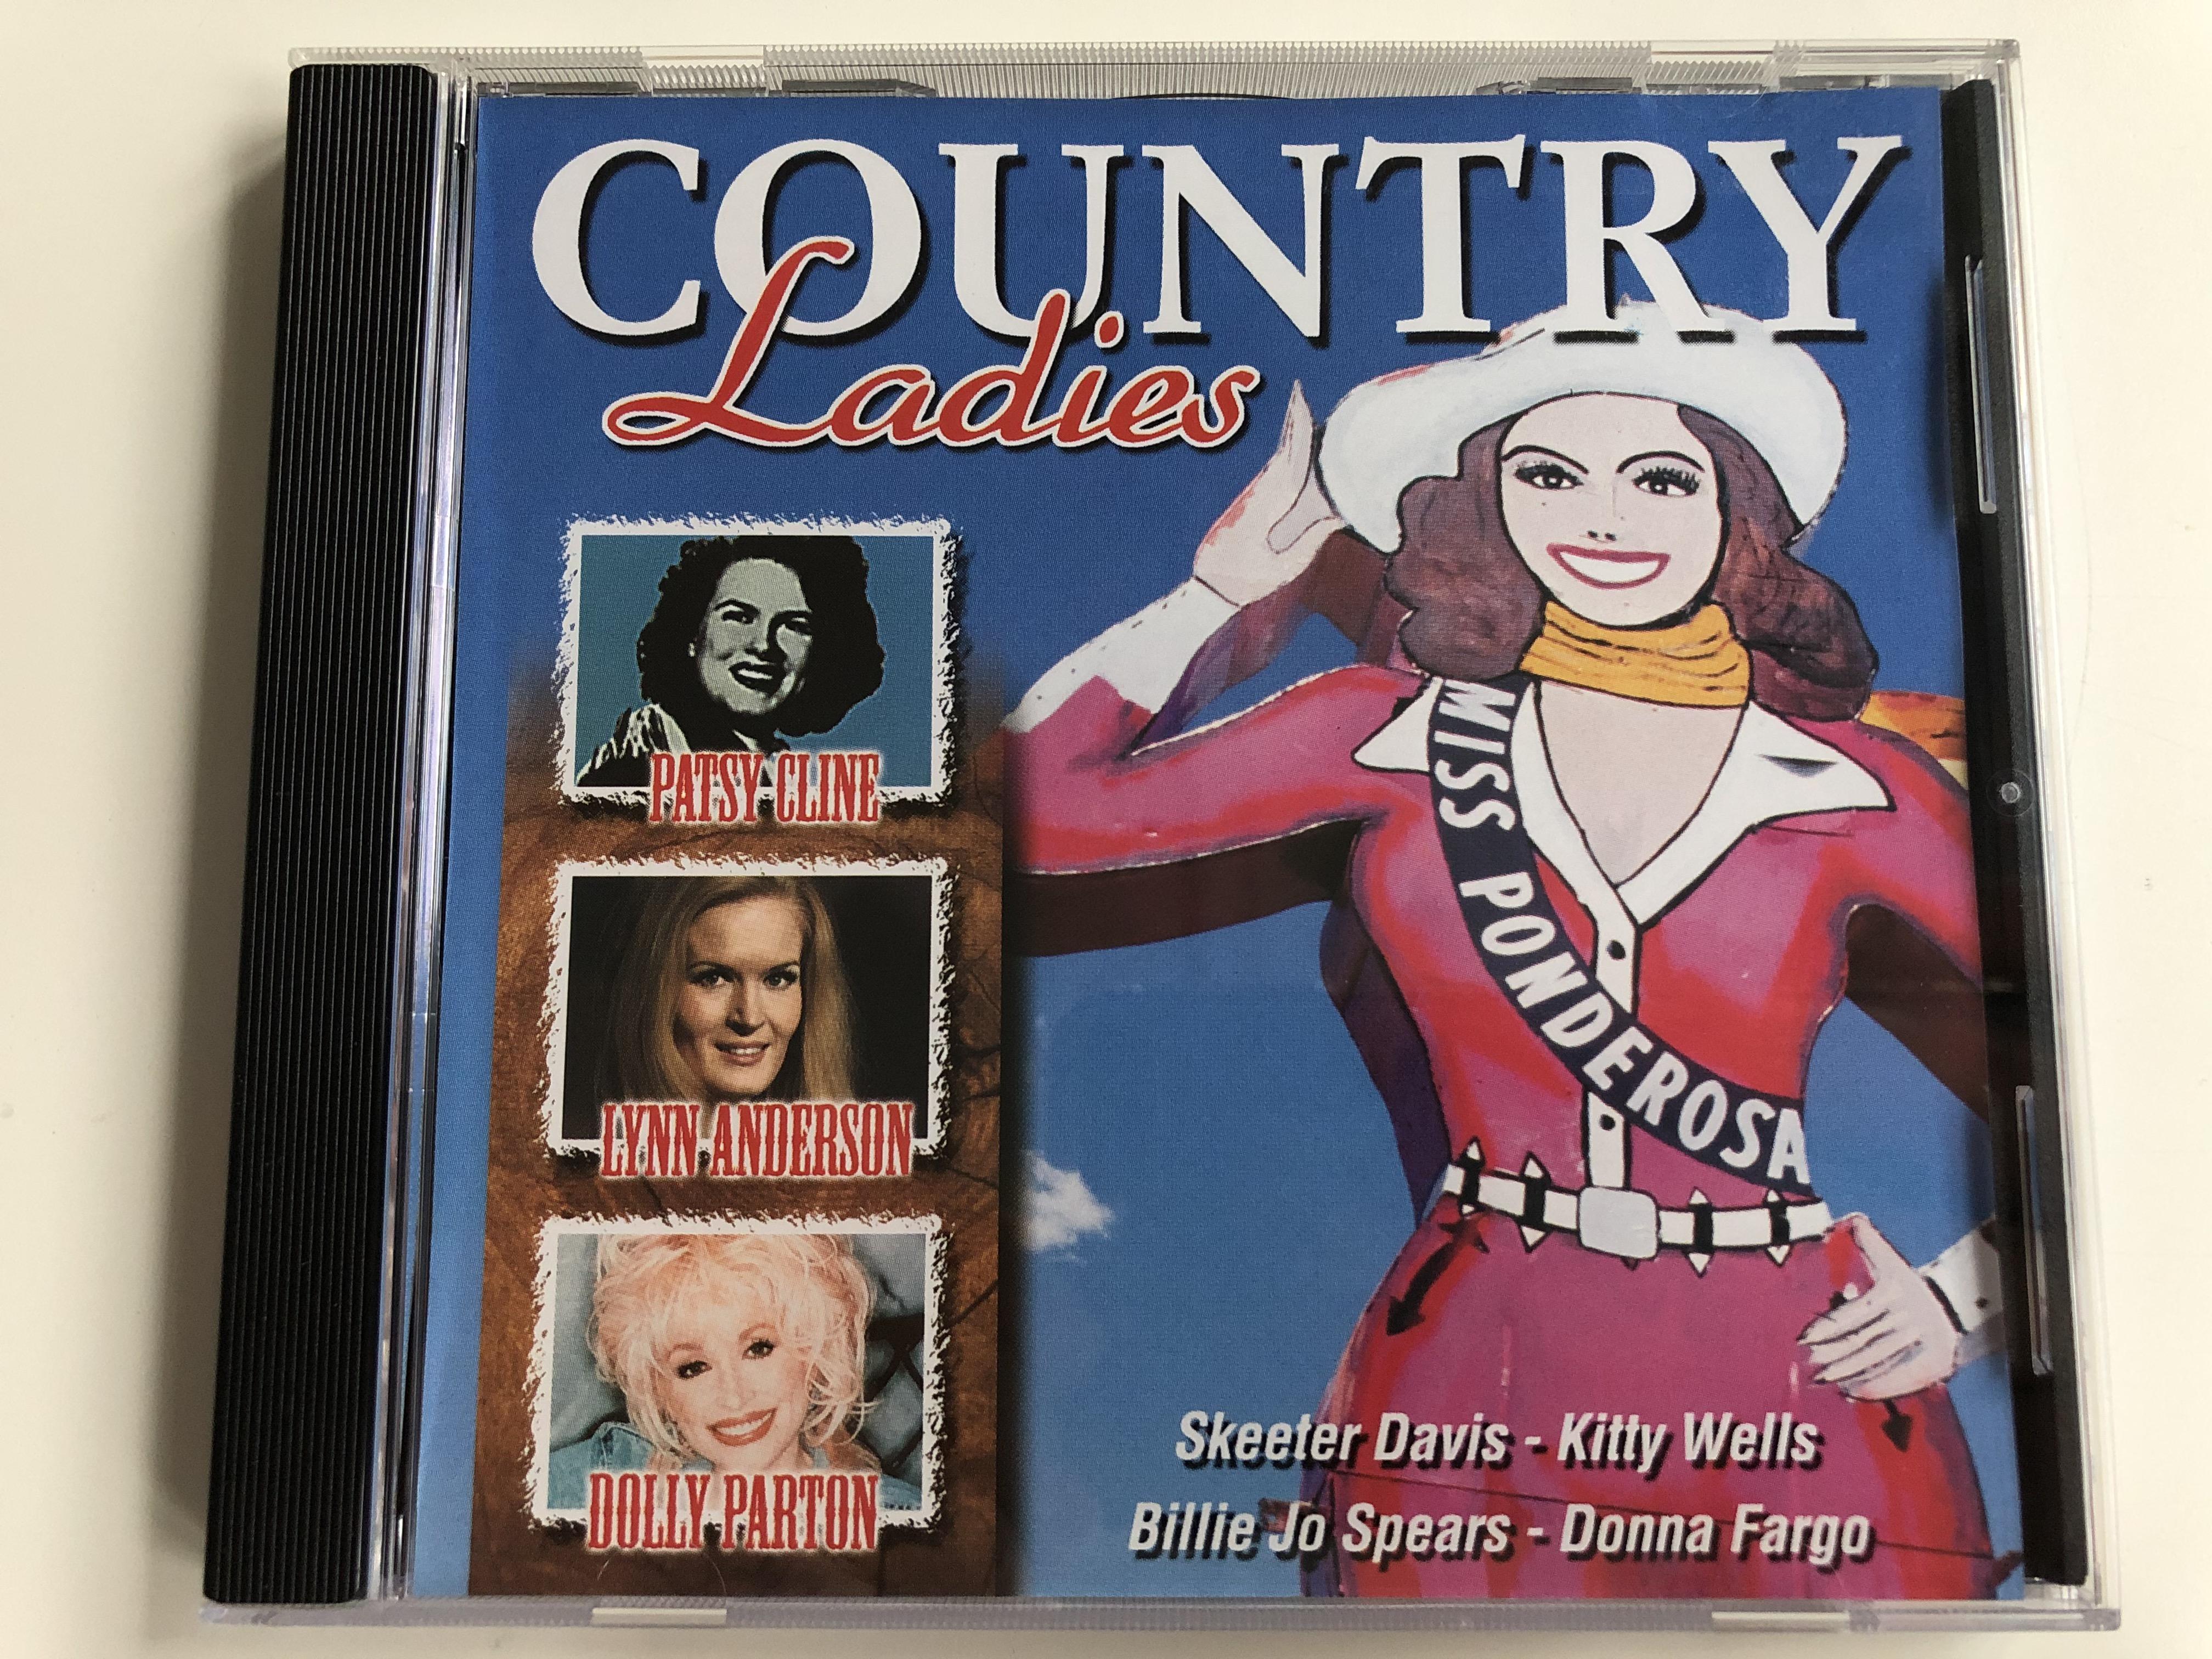 country-ladies-skeeter-davis-kitty-wells-billie-jo-spears-donna-fargo-forever-gold-audio-cd-2001-fg157-1-.jpg